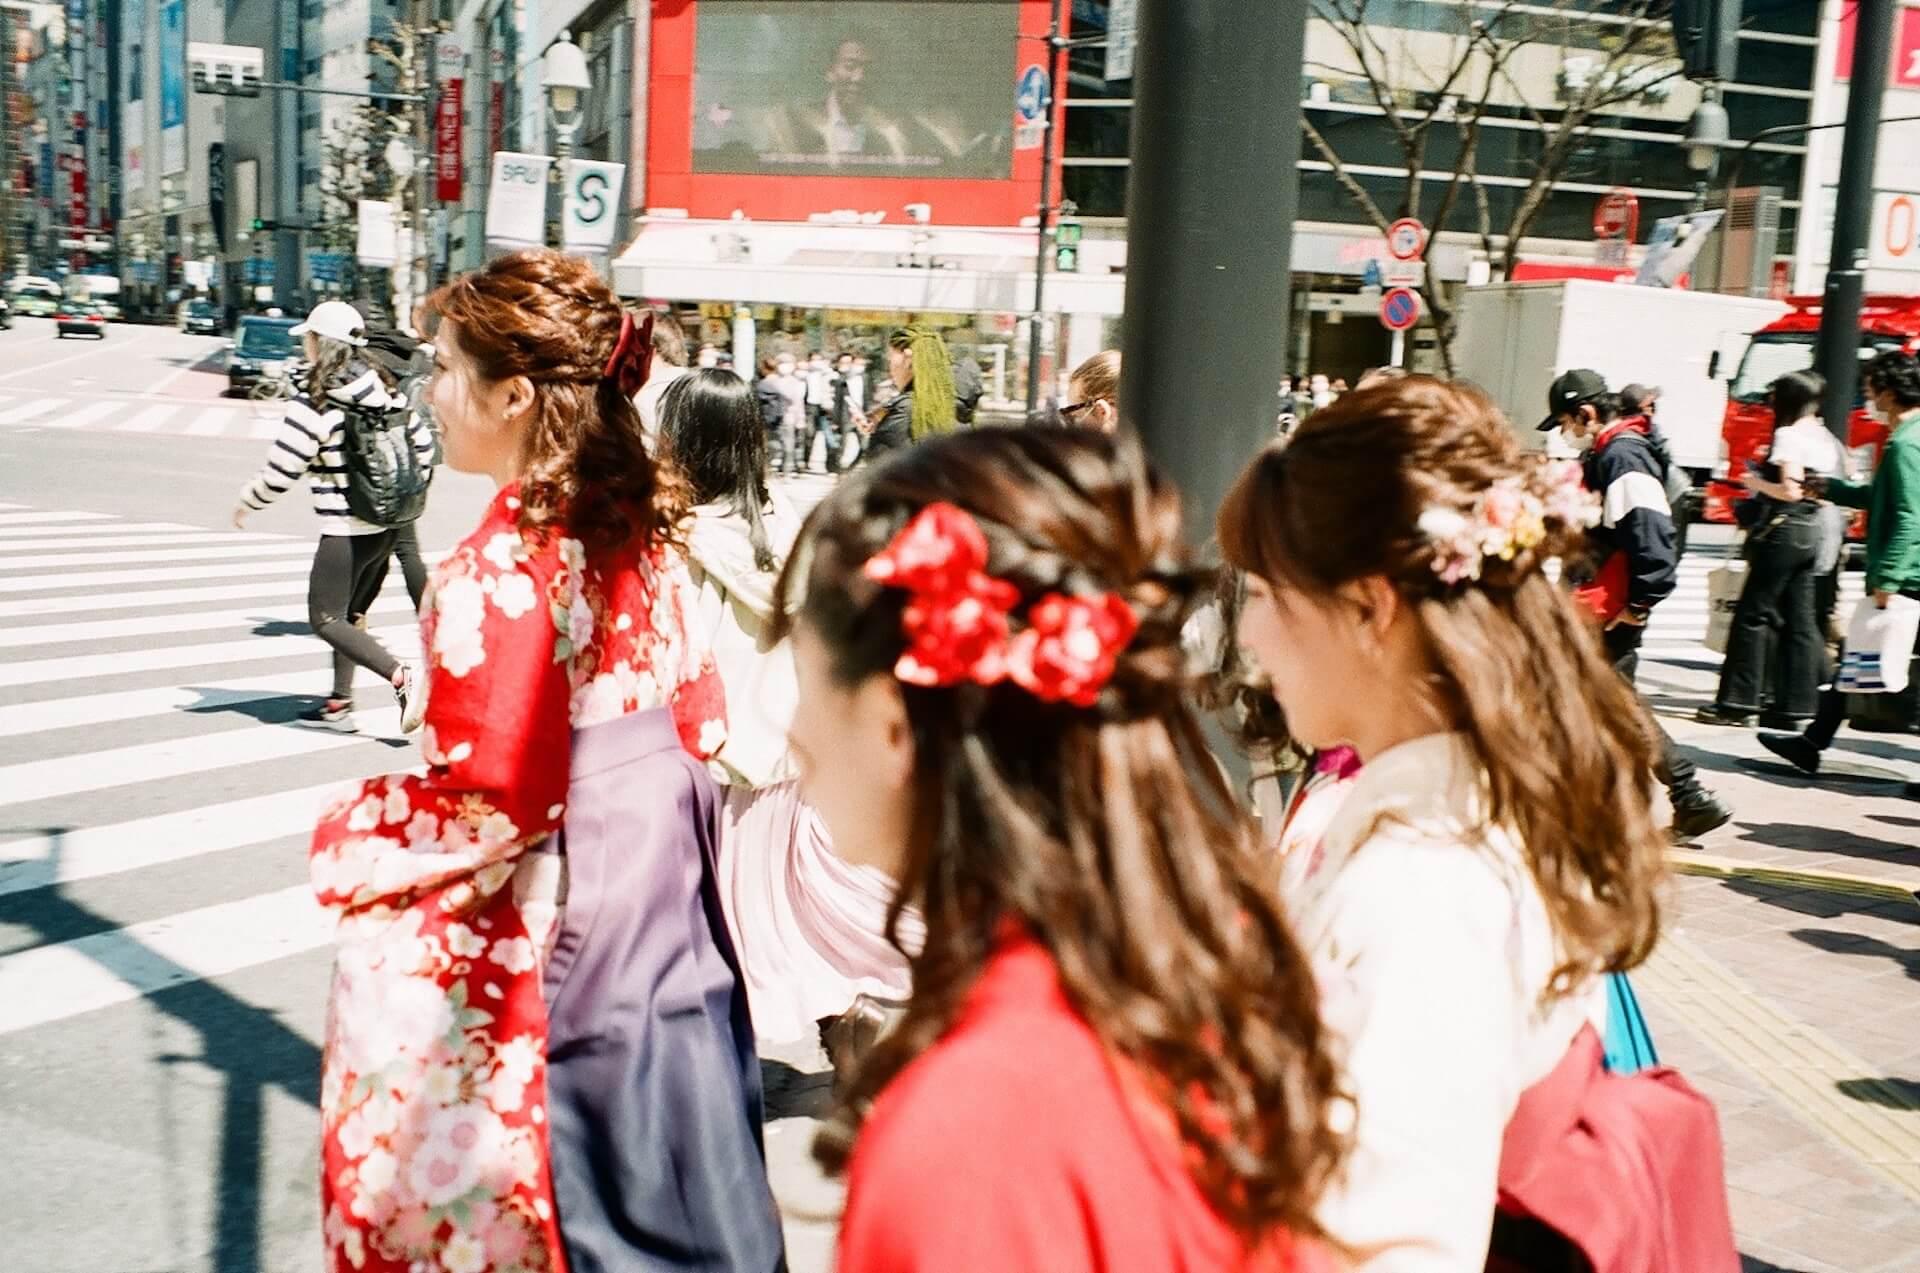 はなむけしゃしん - ぶるじょあ会「渋谷は日本のTOKYO」 art200415_hanamukeshashin5_41